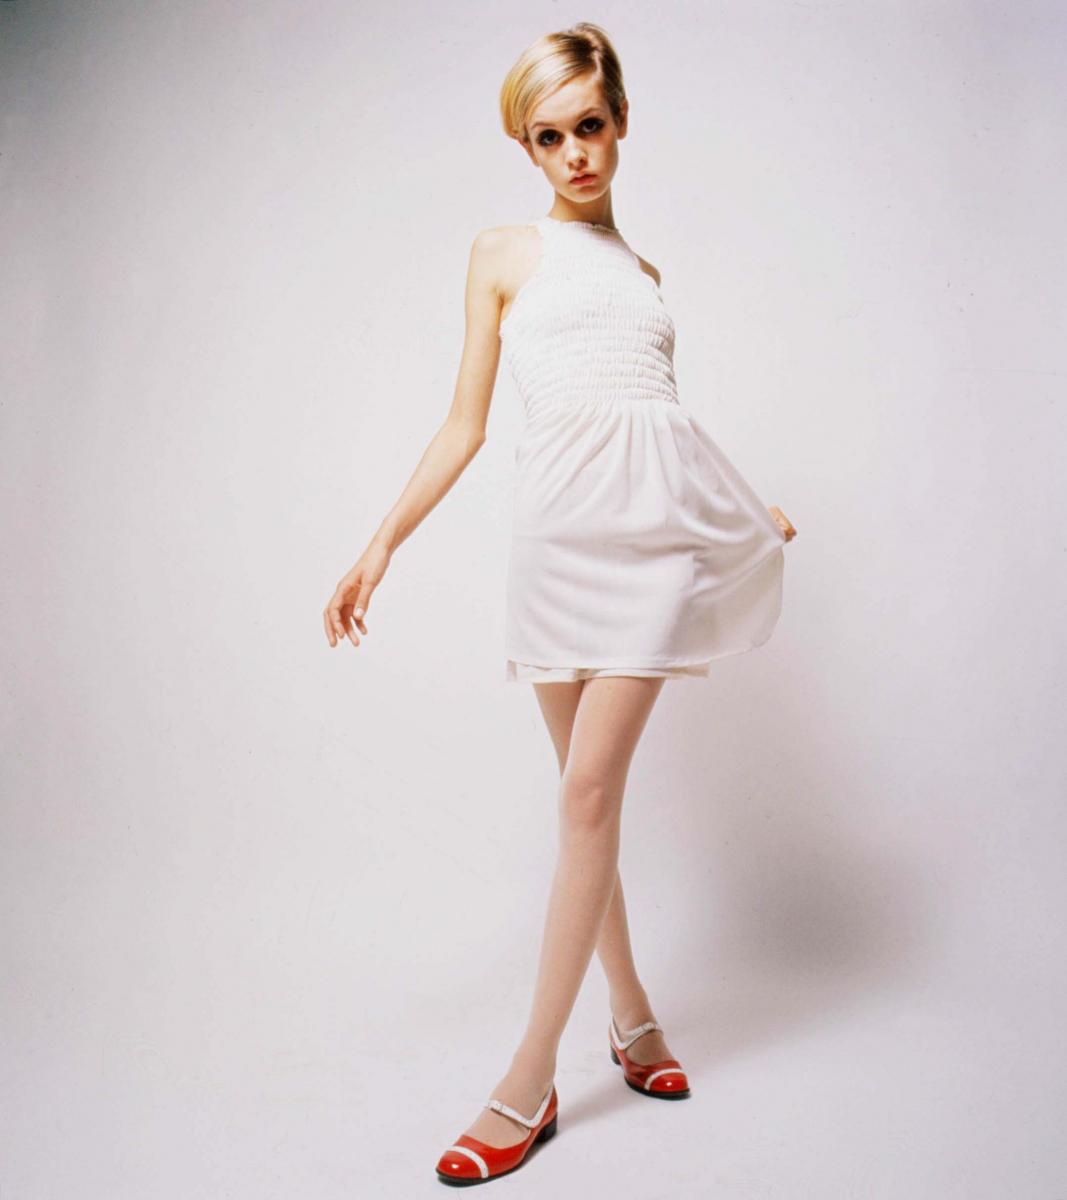 ホワイトドレスにレイヤードして